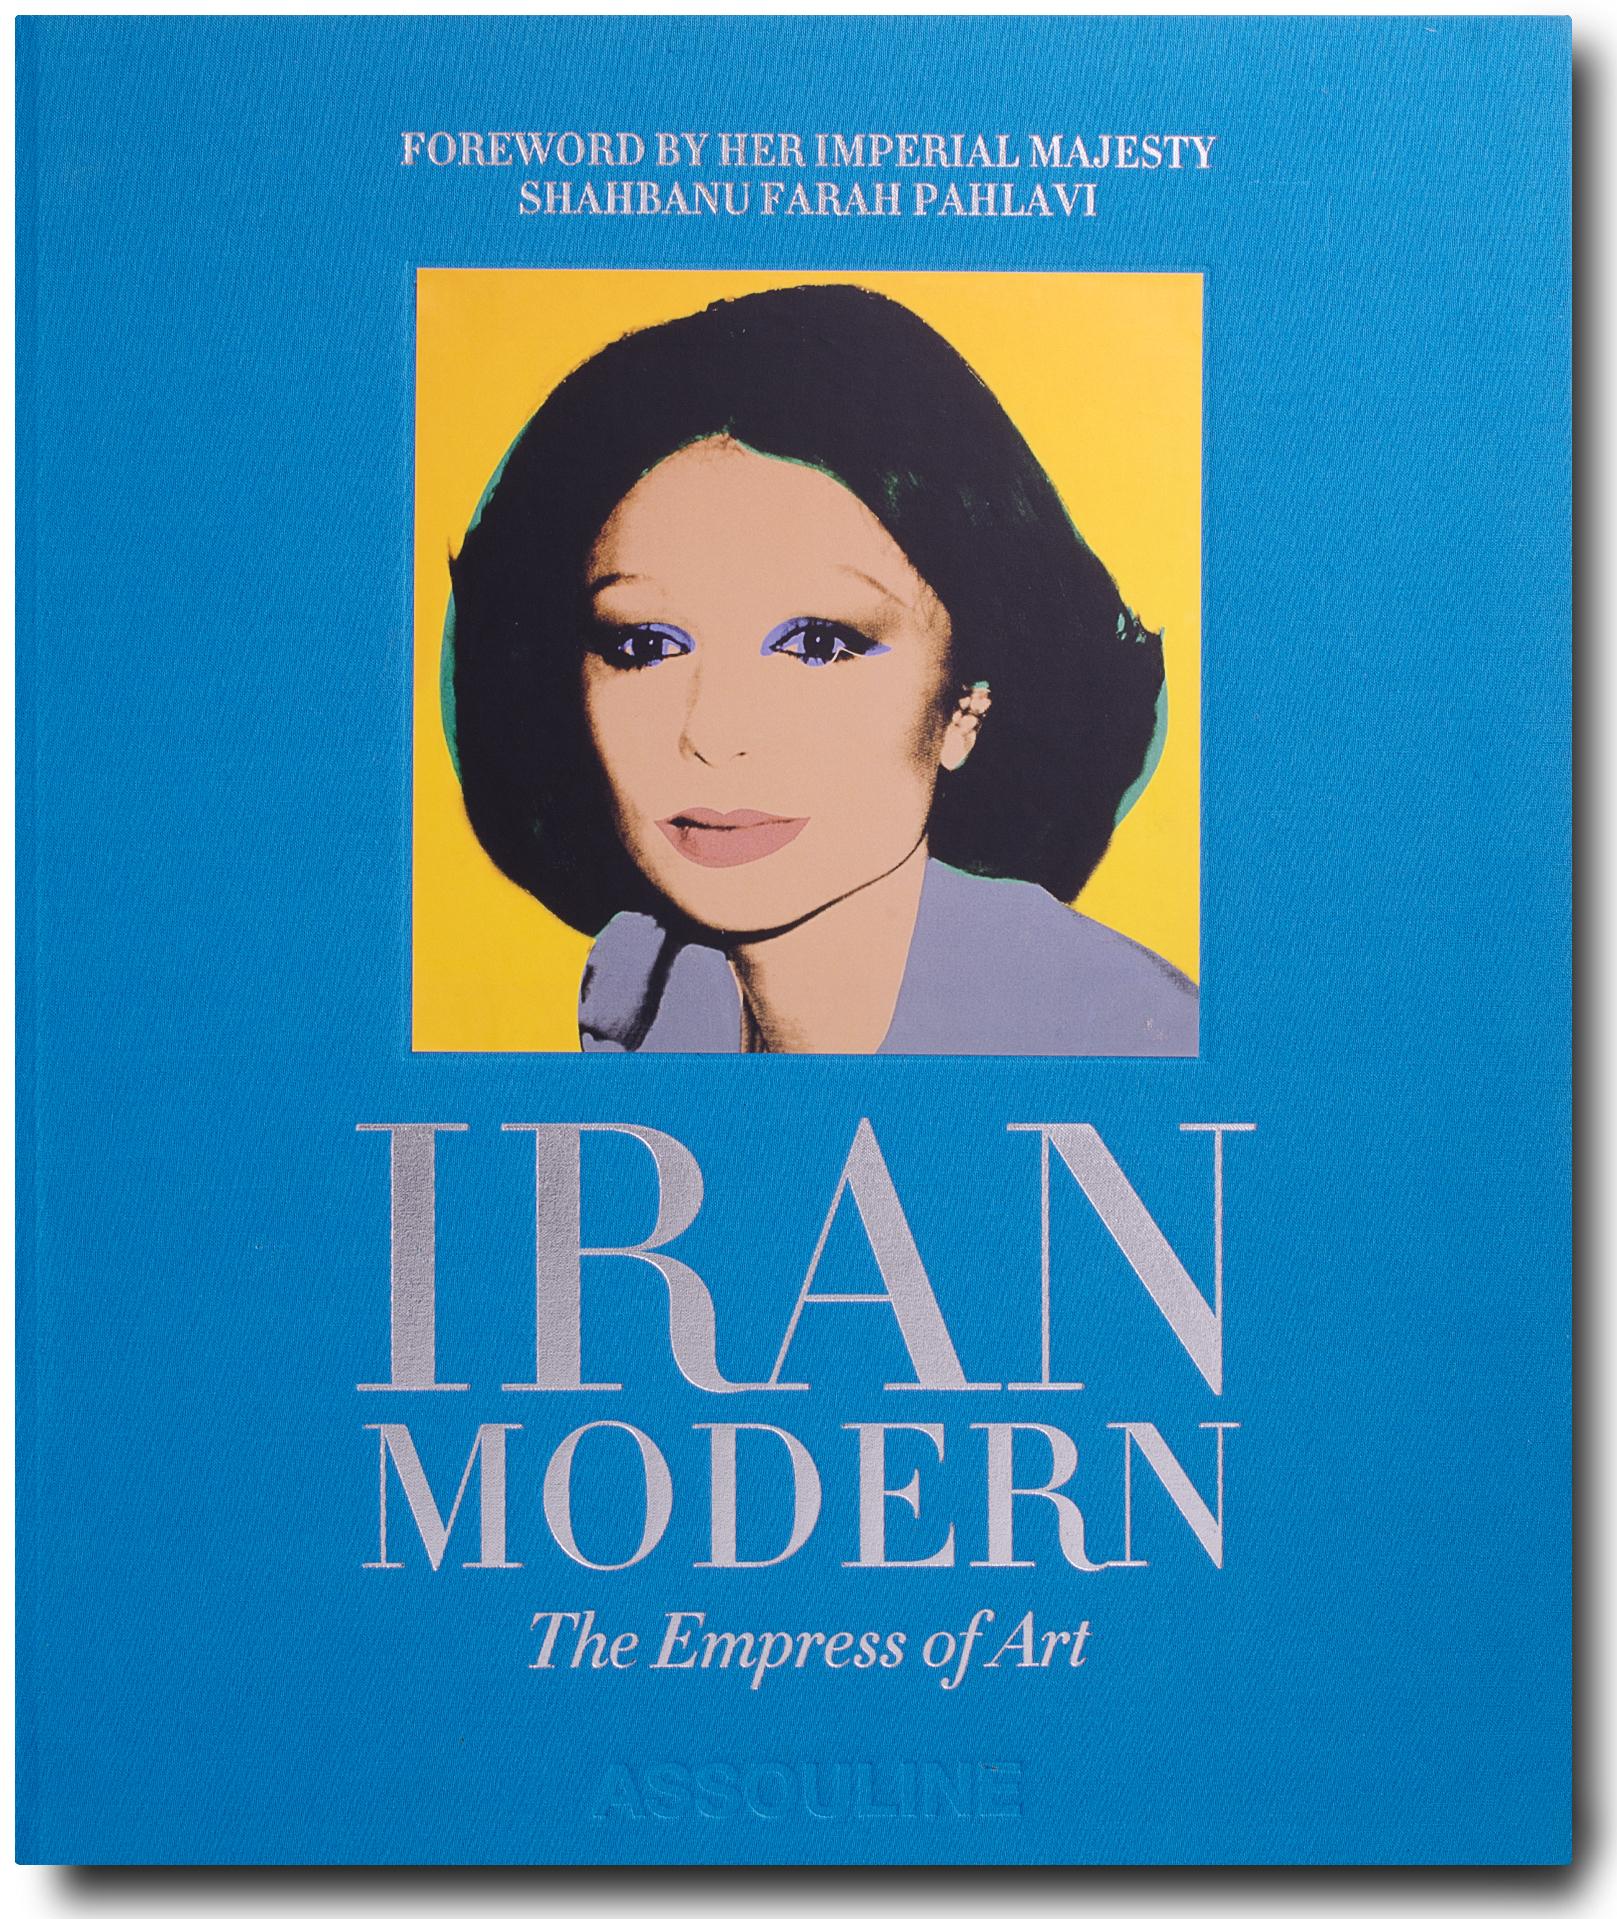 Iran-Modern-Empress-of-Art